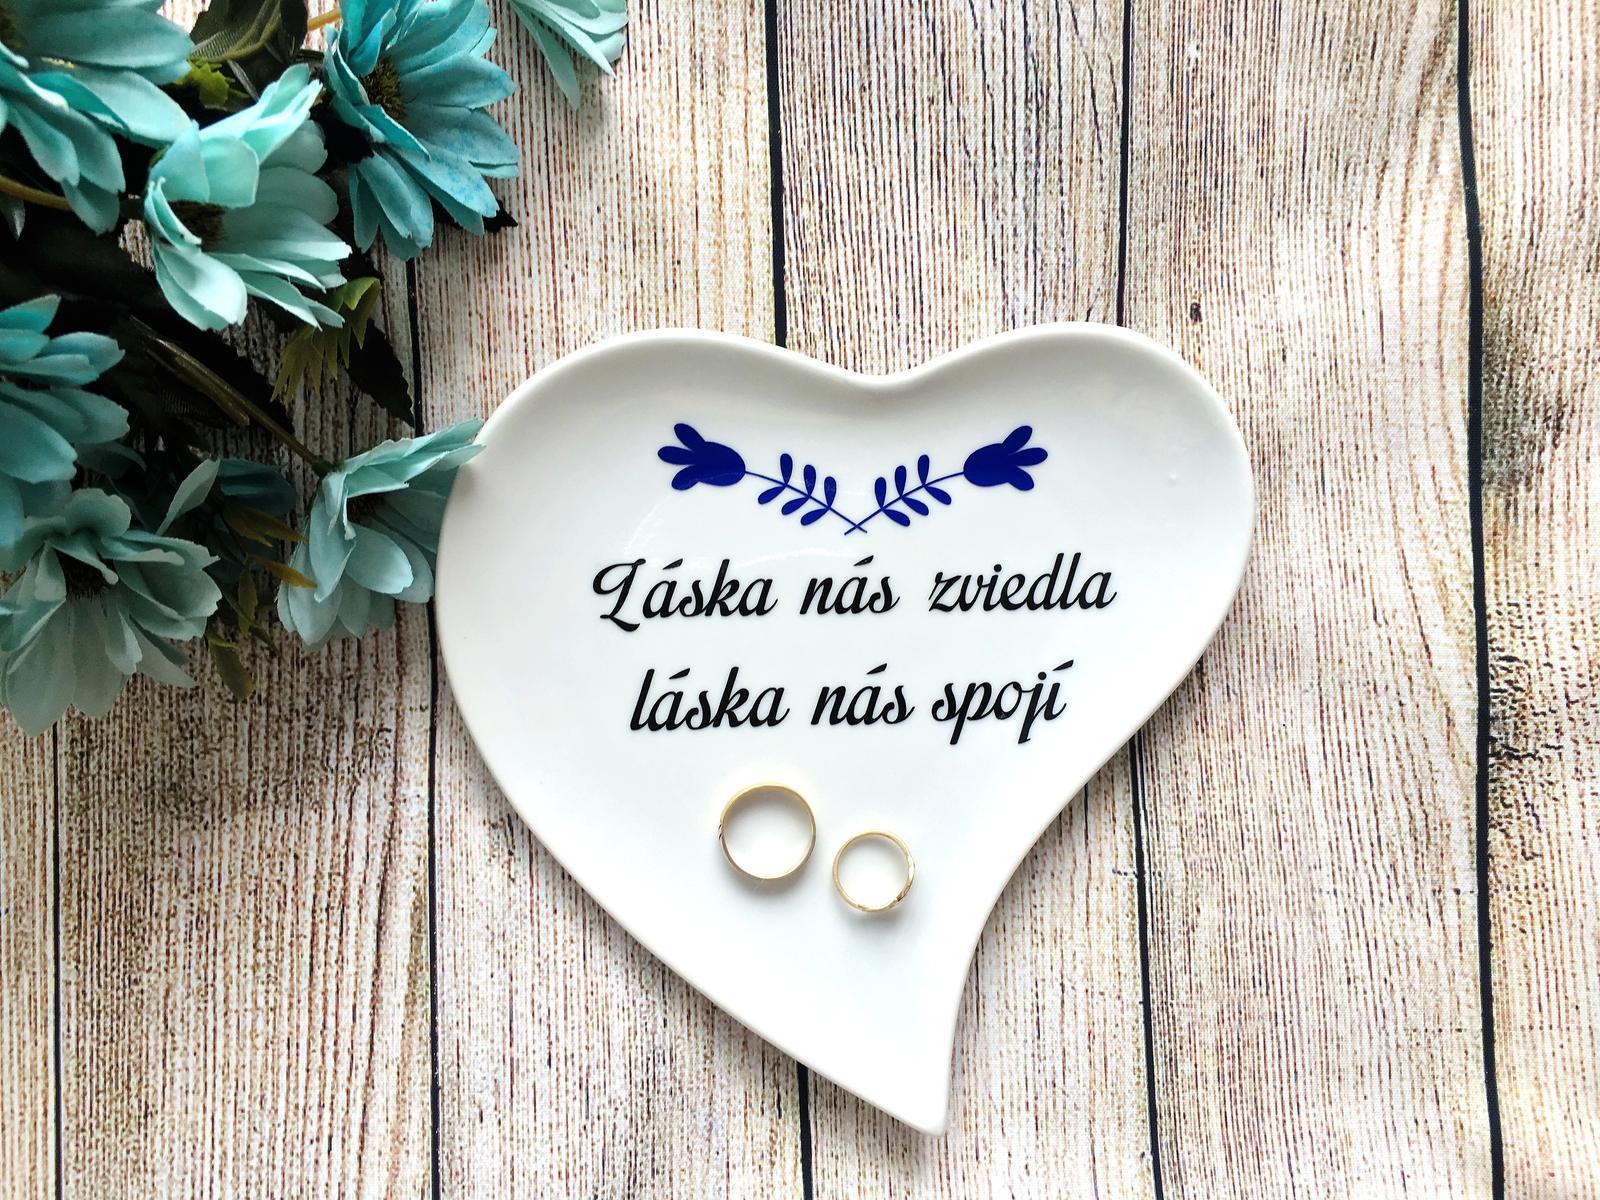 Svadobný tanierik na obrúčky Láska nás zviedla - Obrázok č. 1